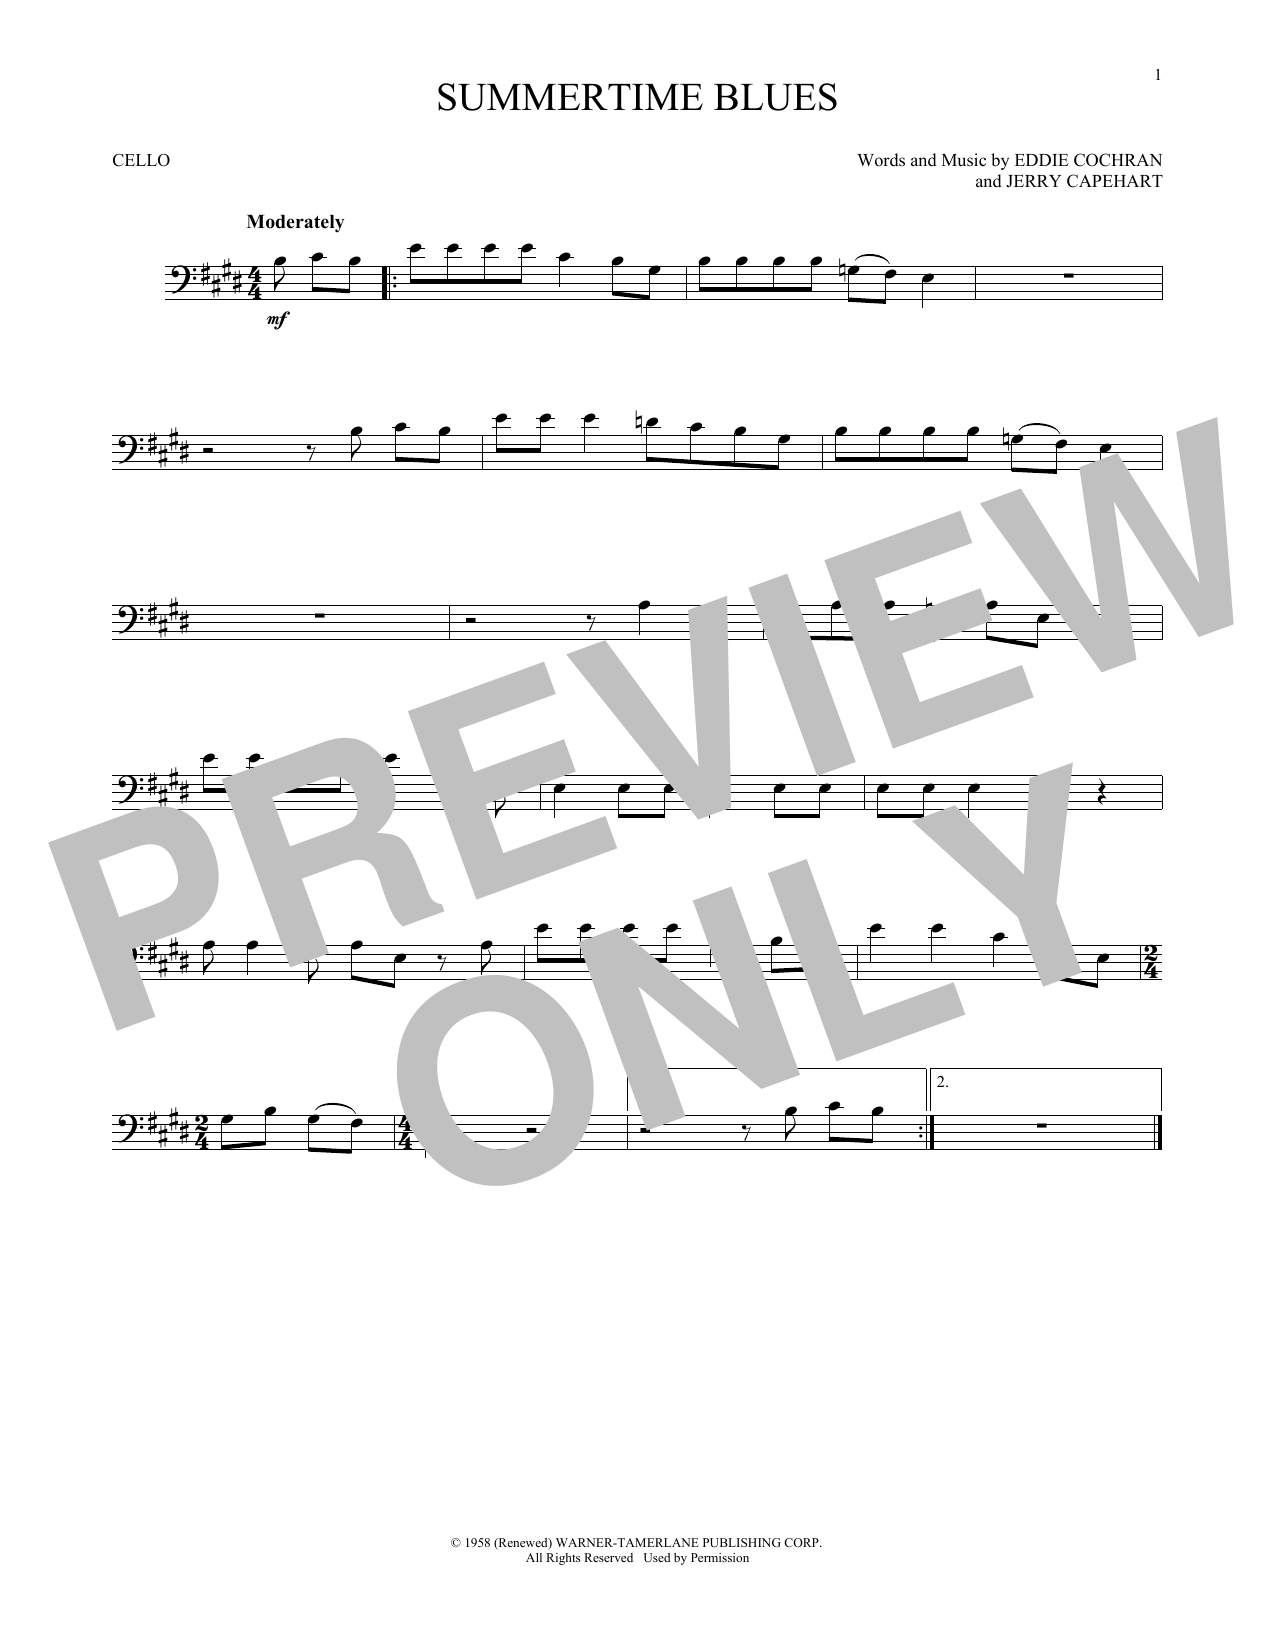 Summertime Blues (Cello Solo)